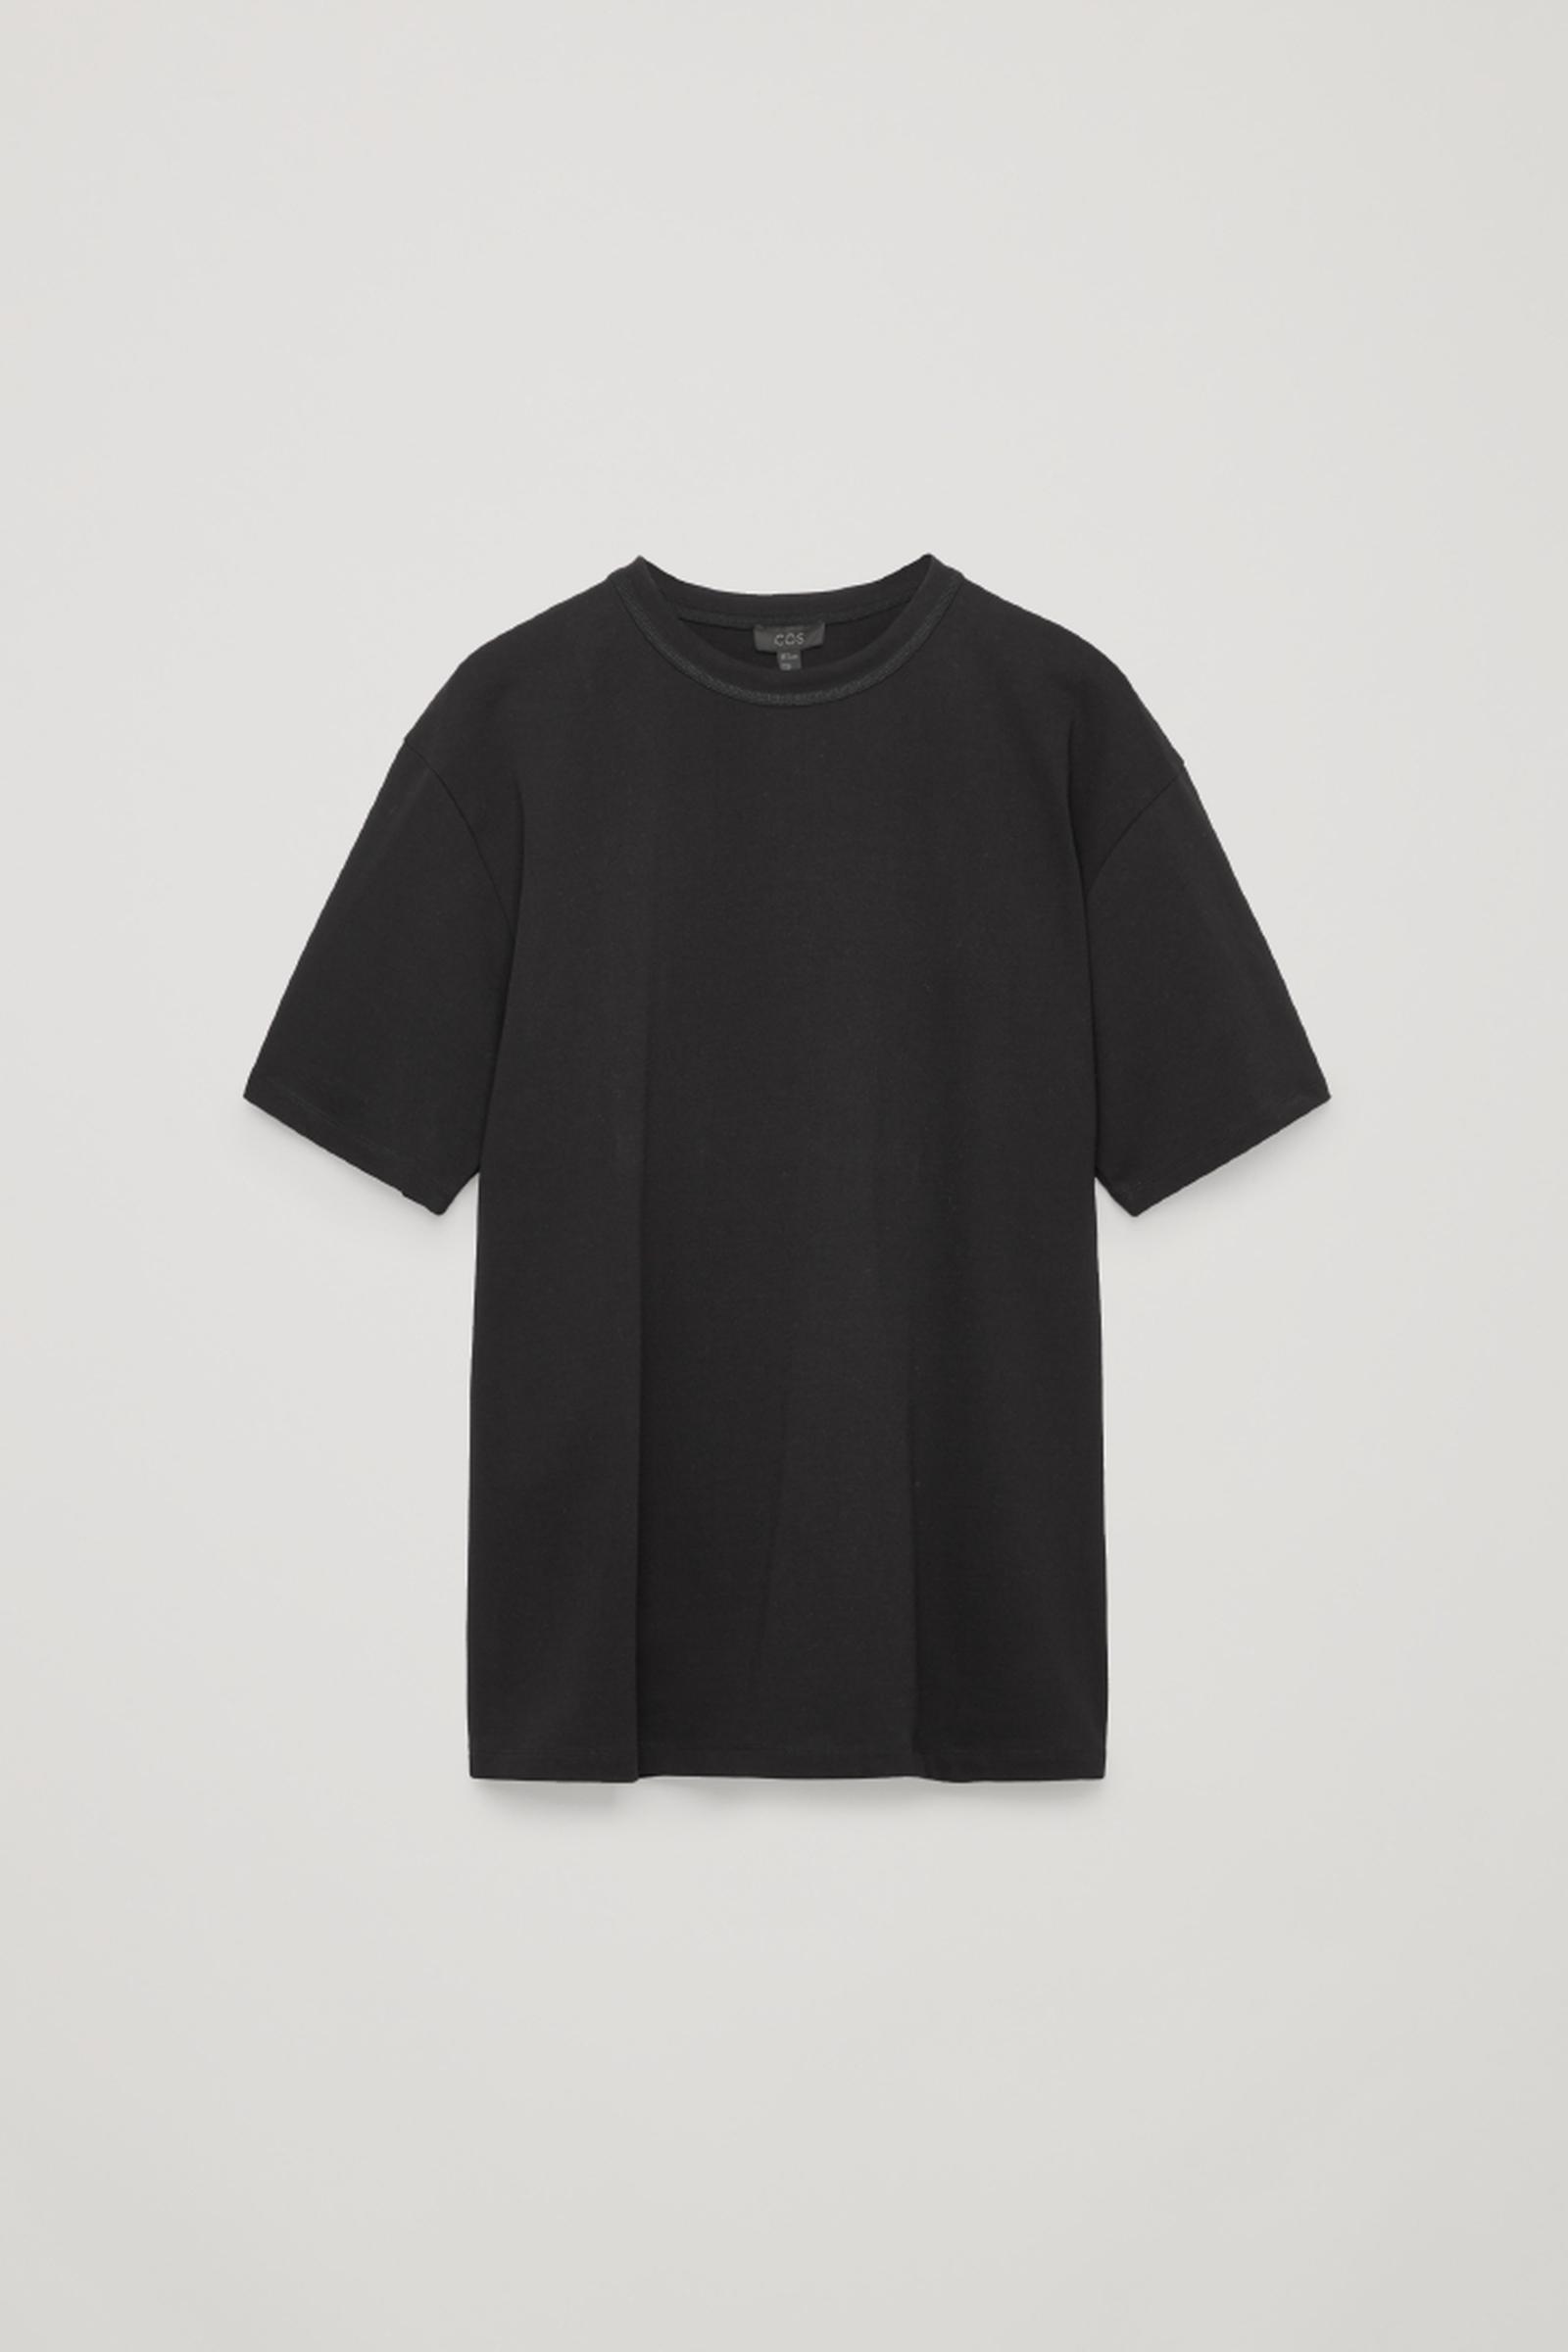 COS 박시 티셔츠의 블랙컬러 Product입니다.